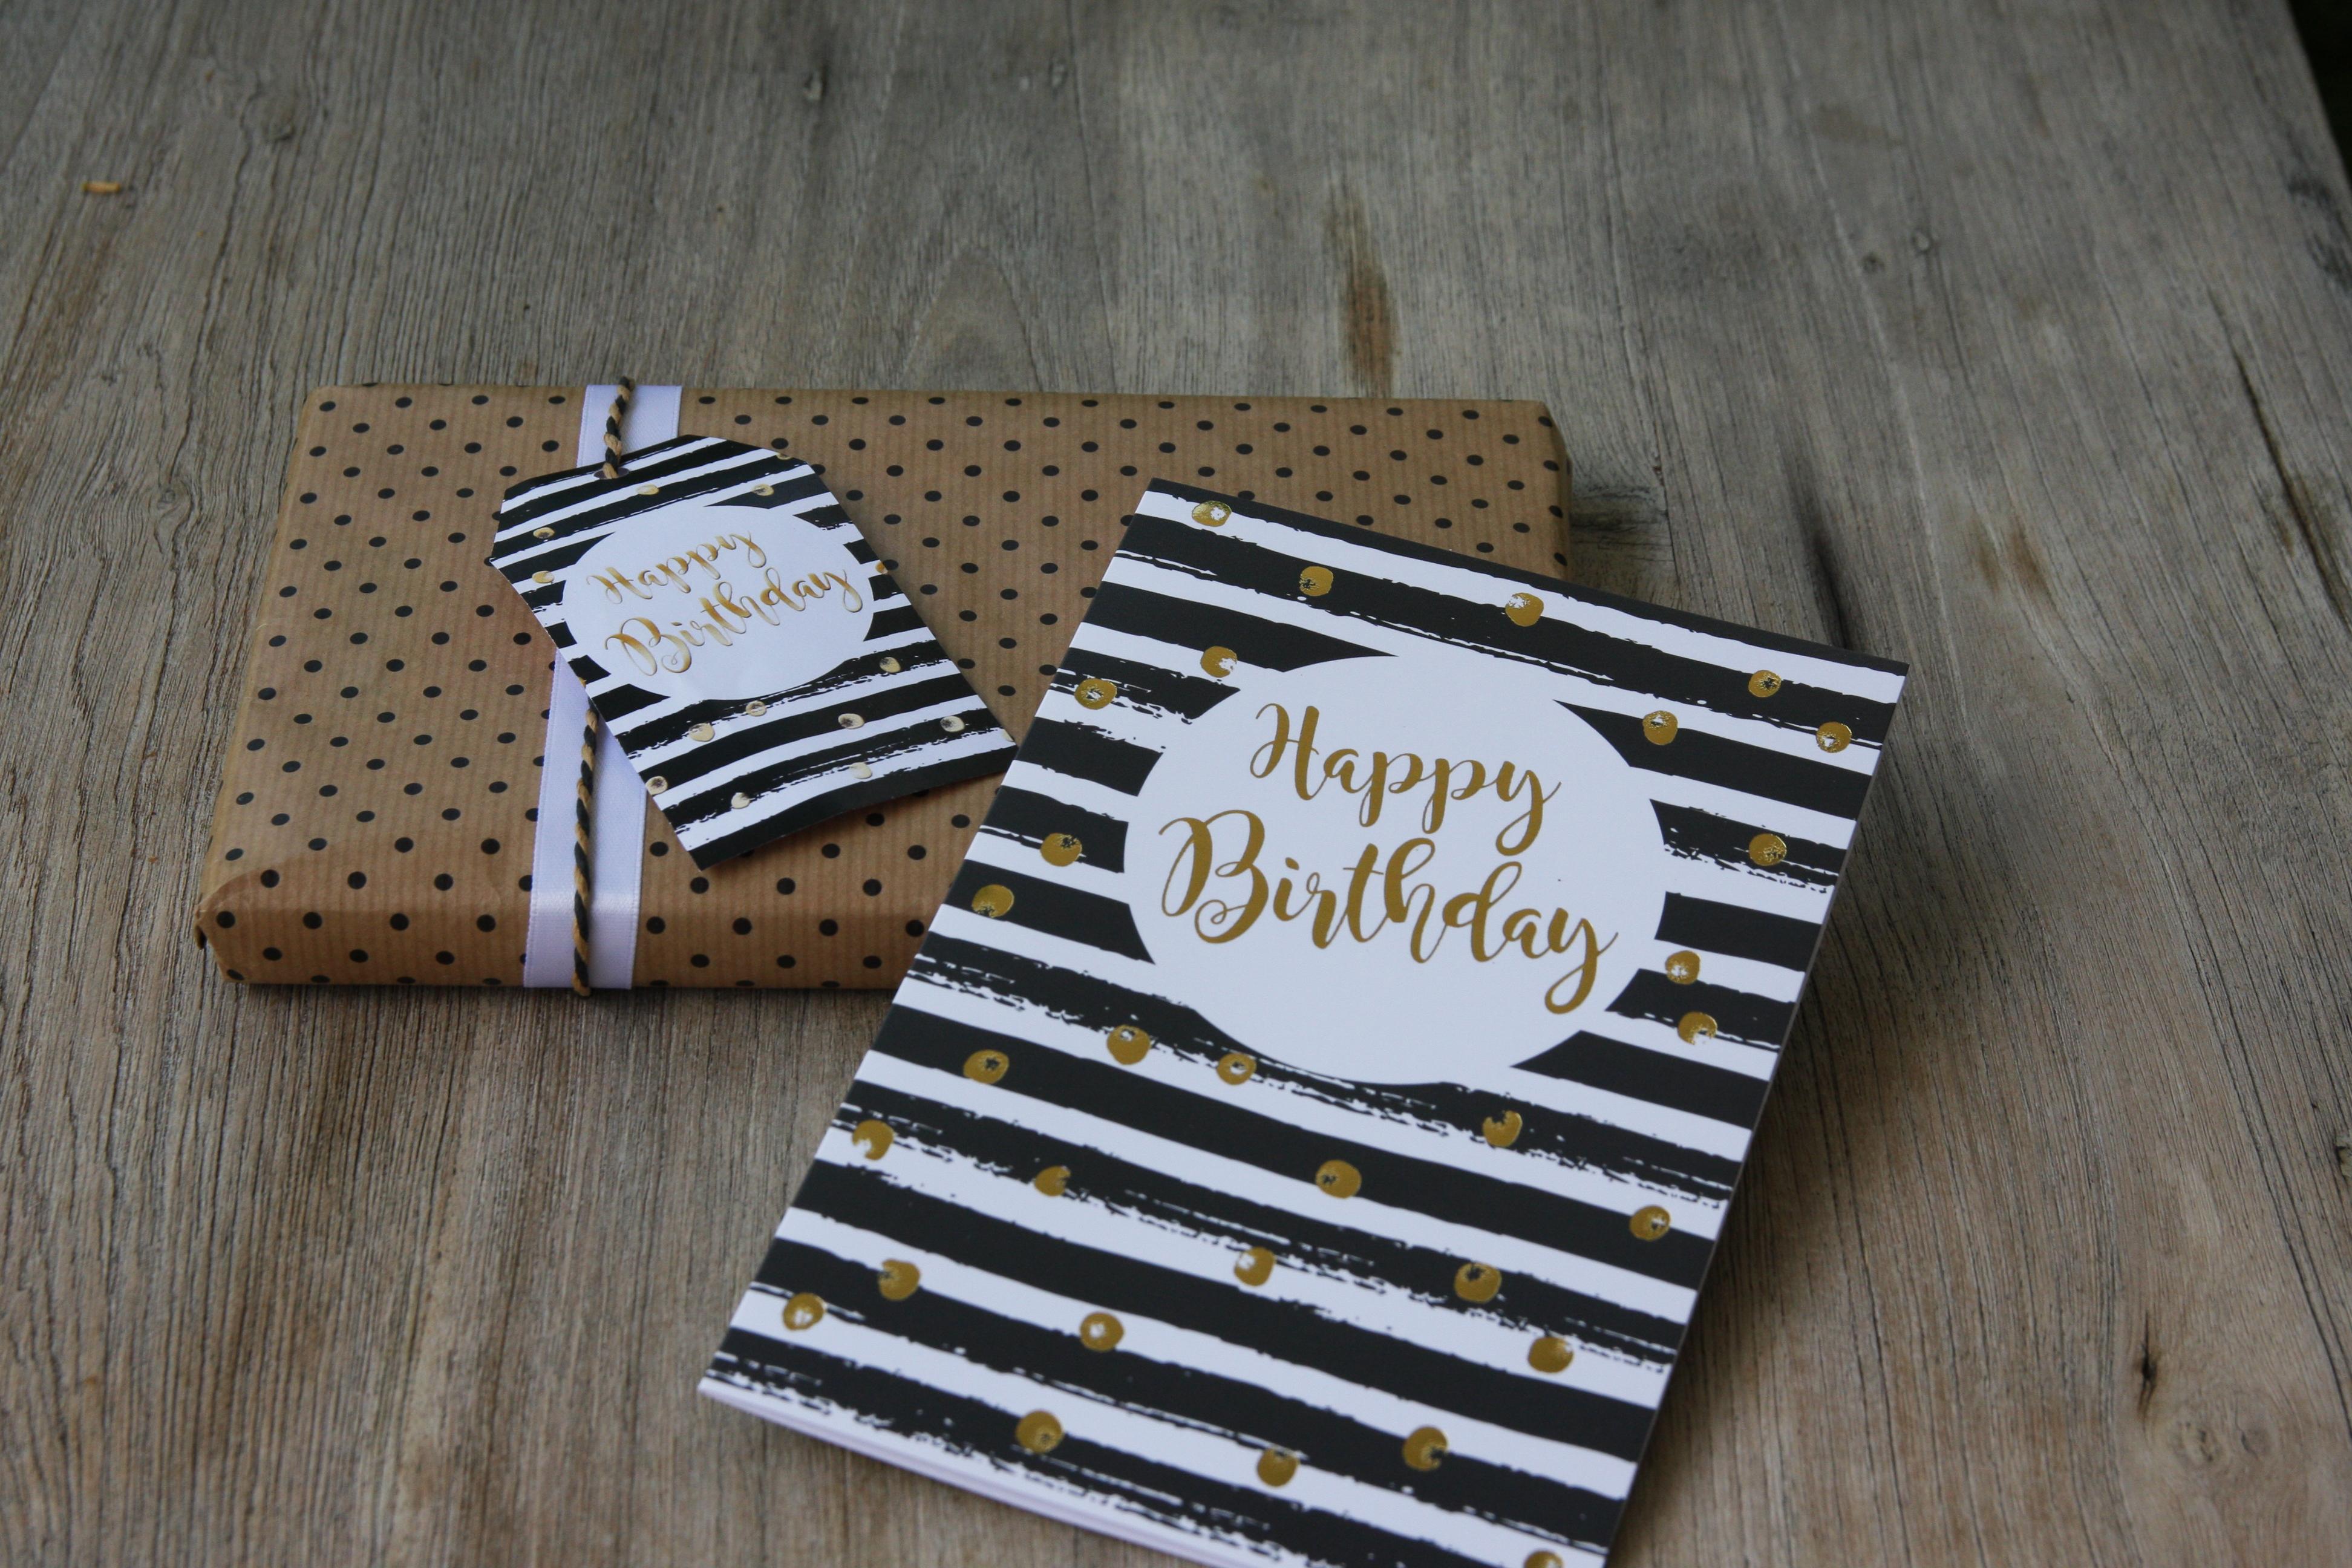 Geburtstagskarte, Glückwunschkarte zum Geburtstag, Grußkarte, Geschenkanhänger